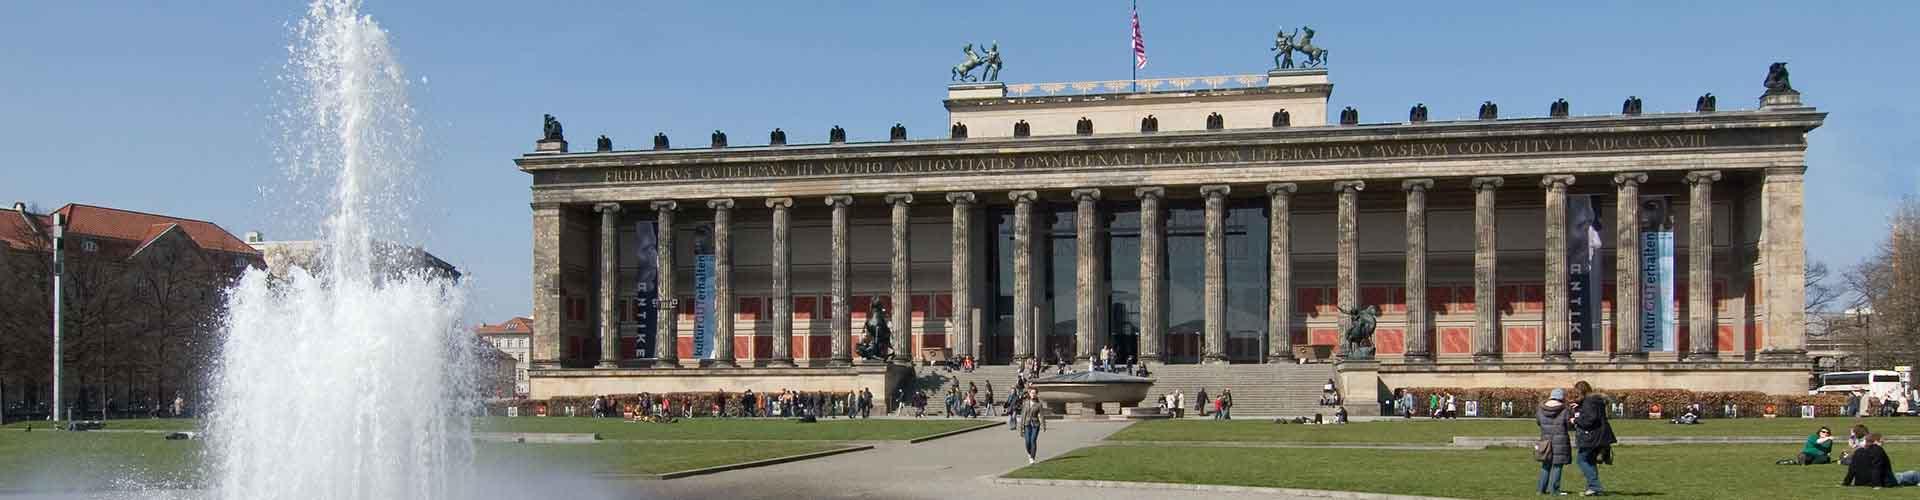 베를린 - 베를린 구 박물관과 페르가몬 박물관와 가까운 호스텔. 베를린의 지도, 베를린에 위치한 호스텔 사진 및 후기 정보.